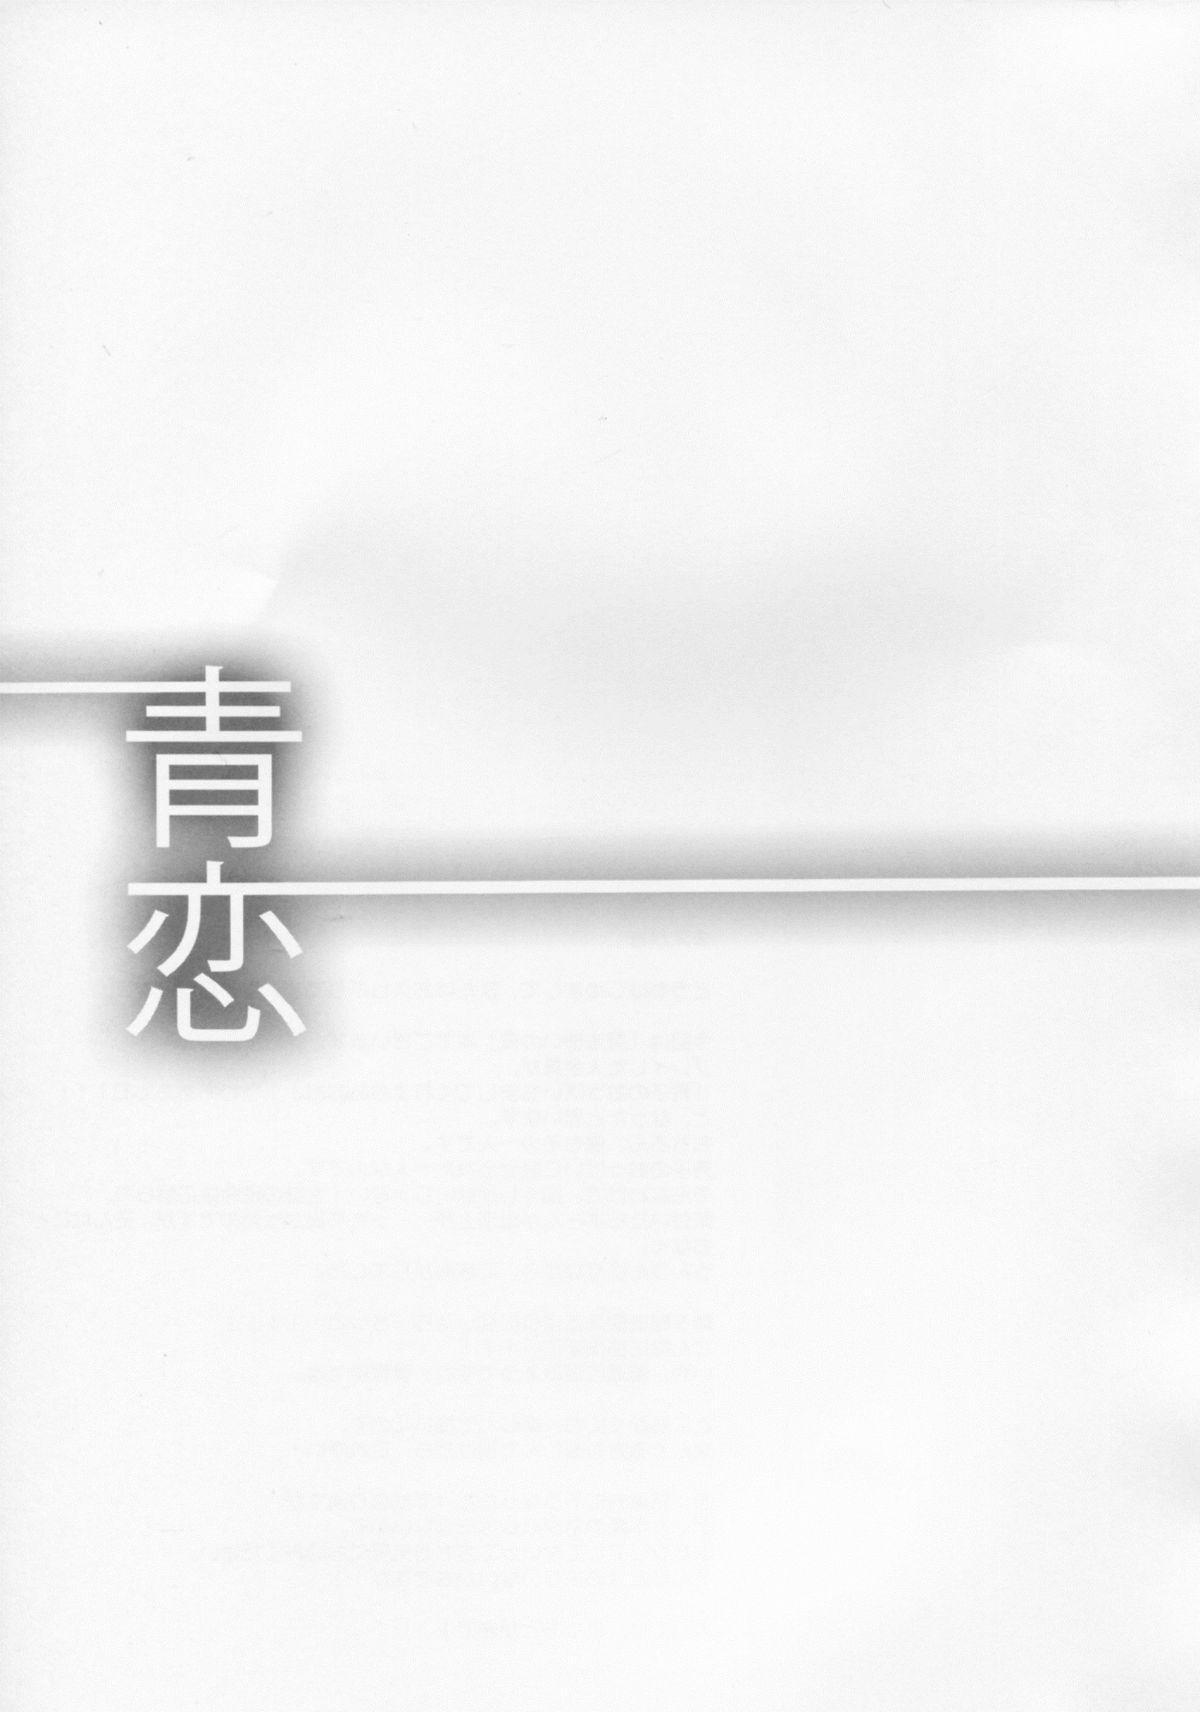 Aokoi 6